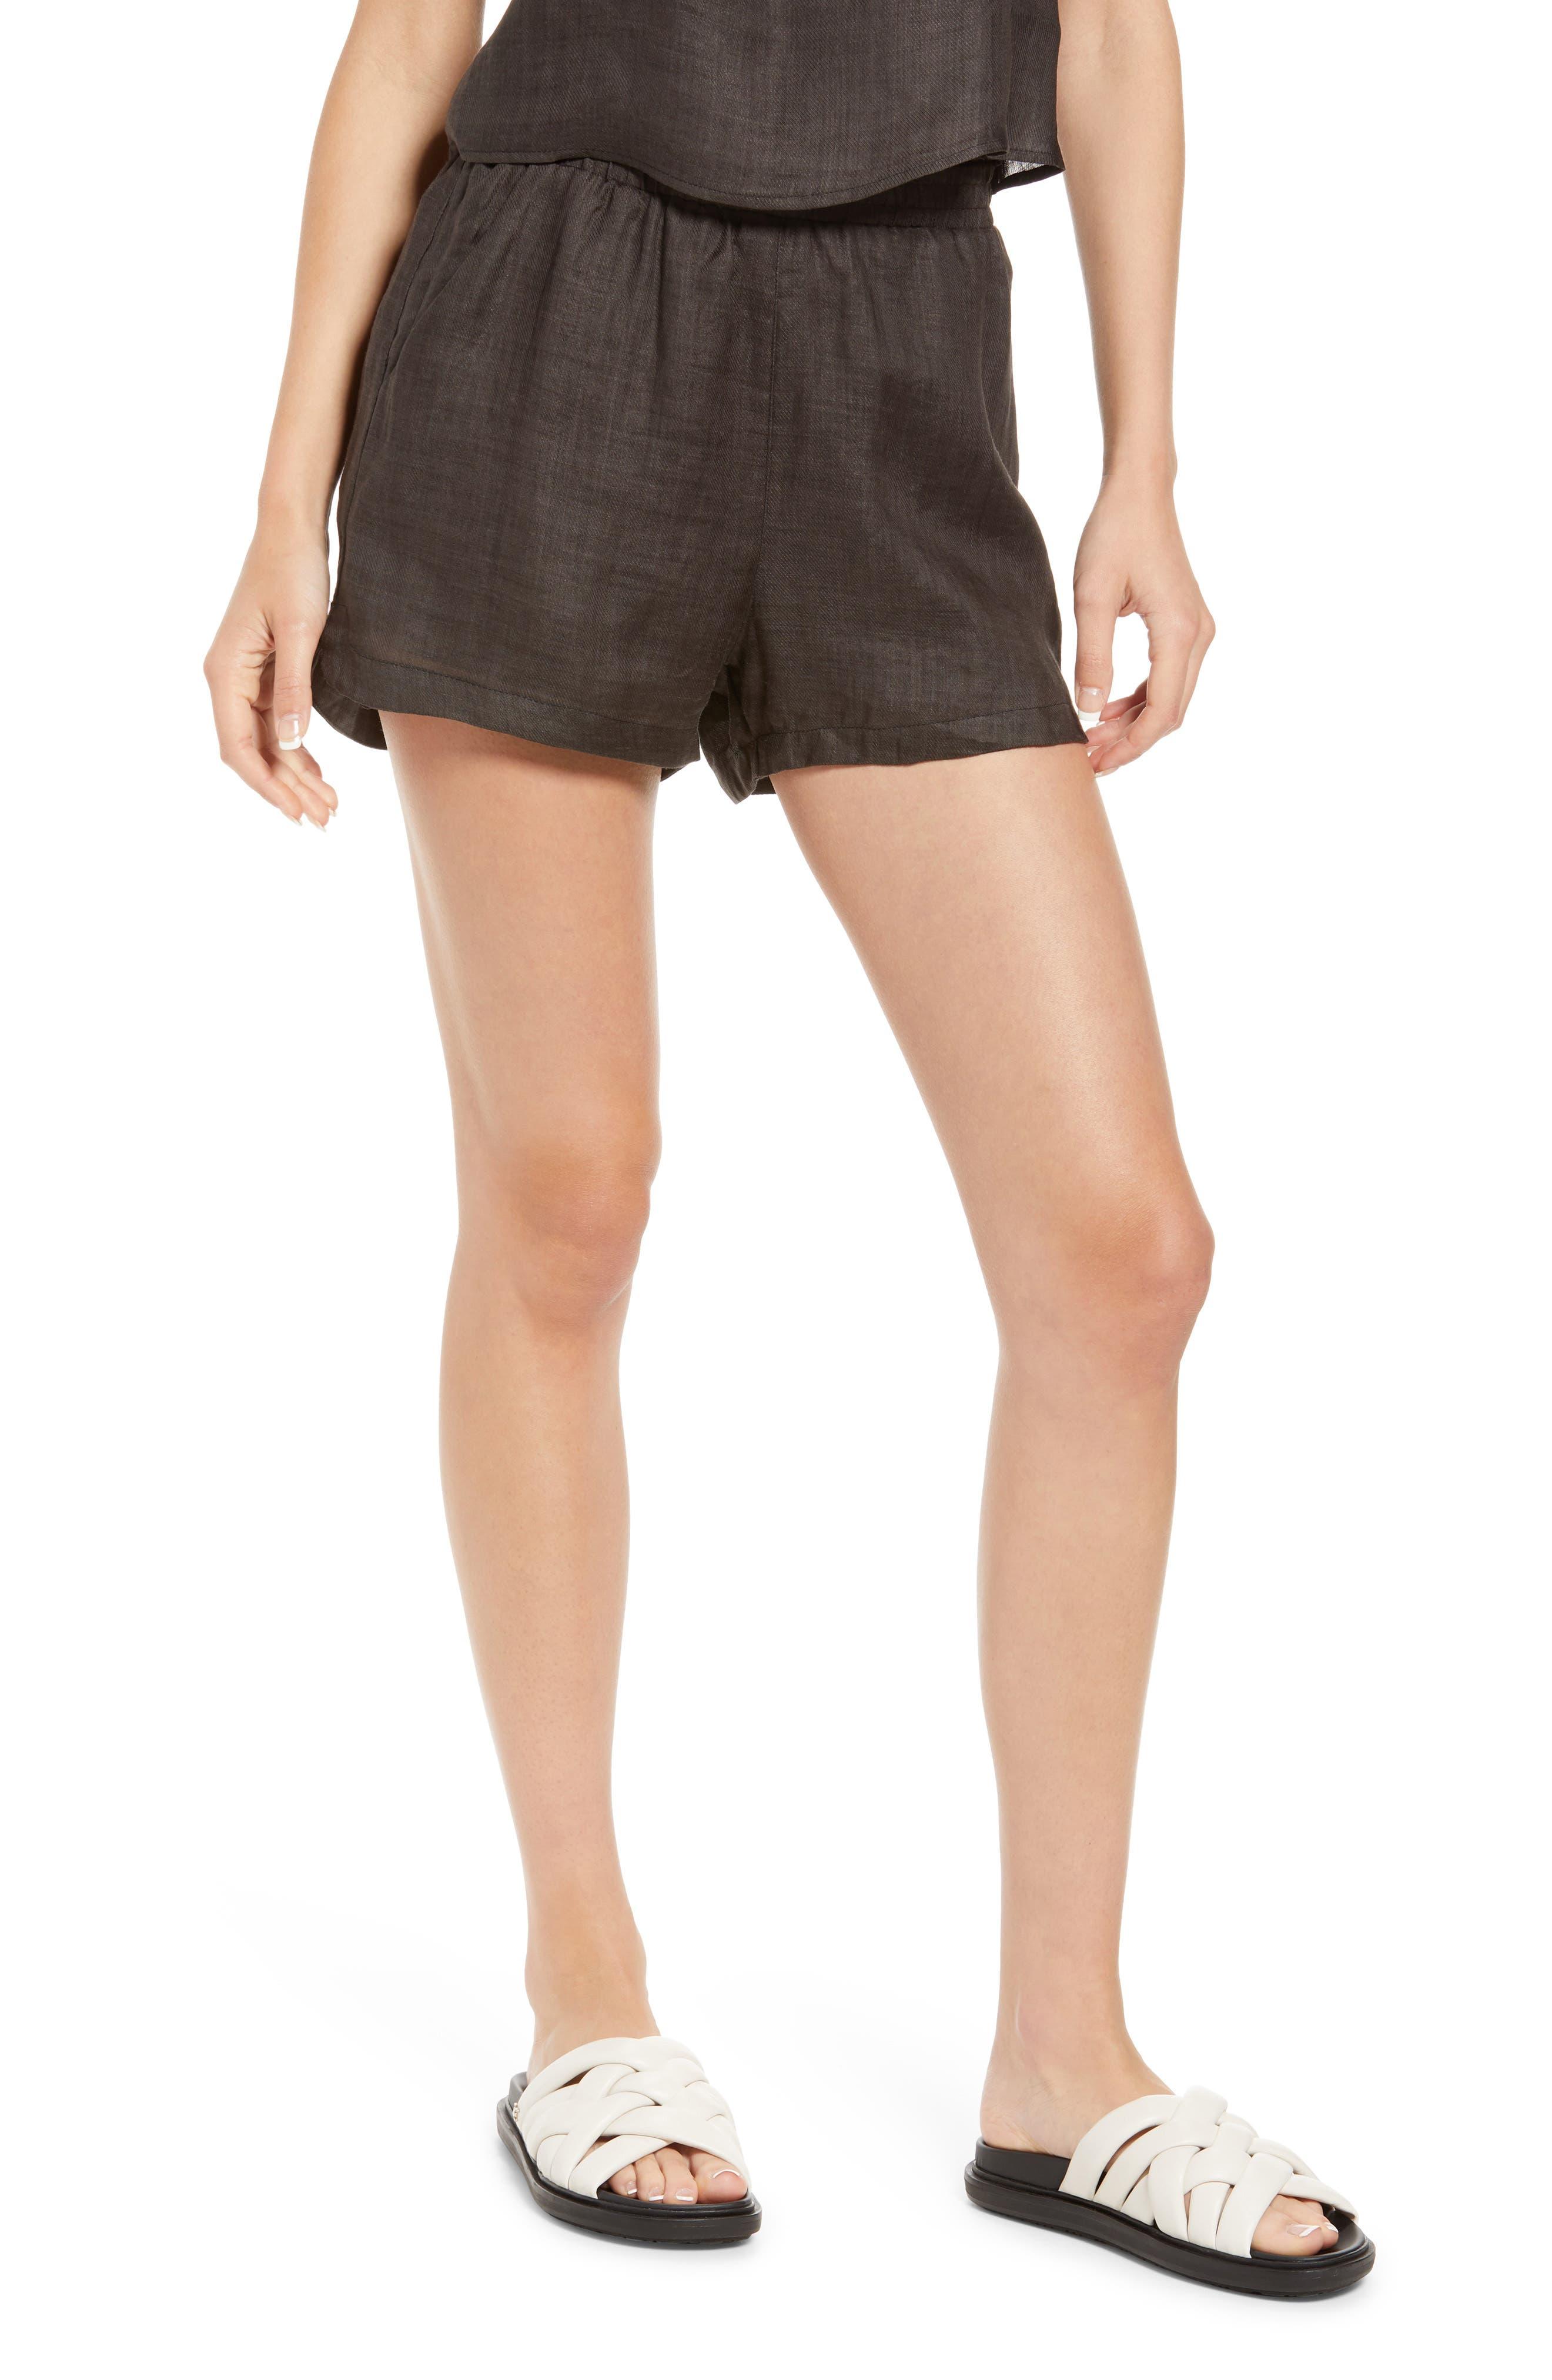 Bindi Shorts